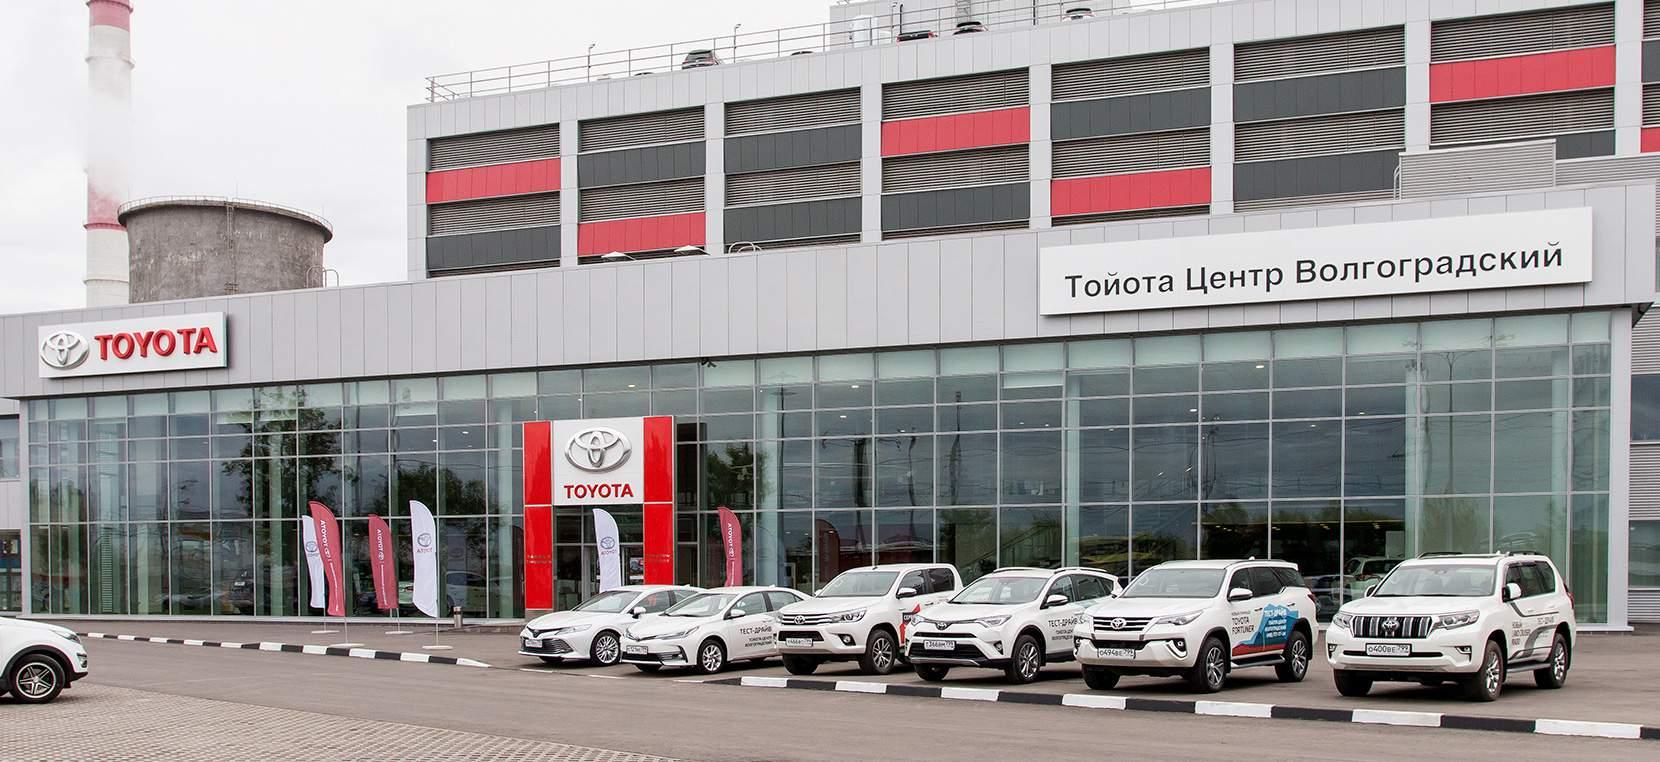 Тойота автосалон в москве адреса автоломбард казань авто на продажу